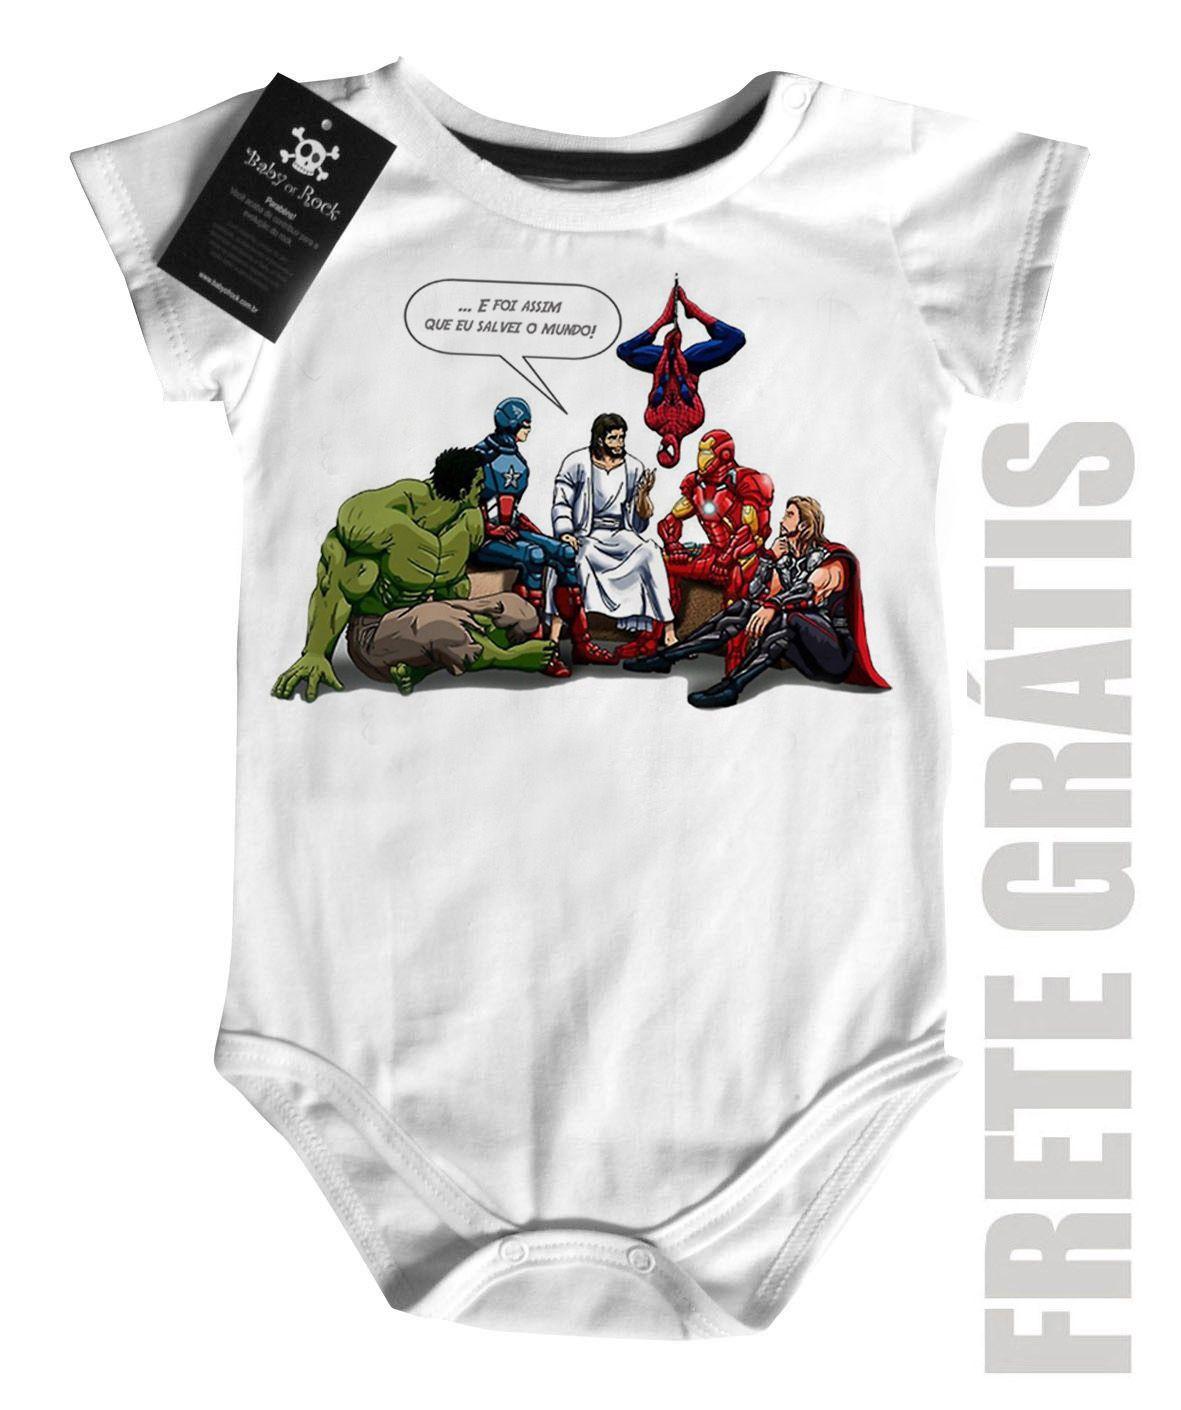 Body Bebe Jesus e os Vingadores  - White  - Baby Monster S/A